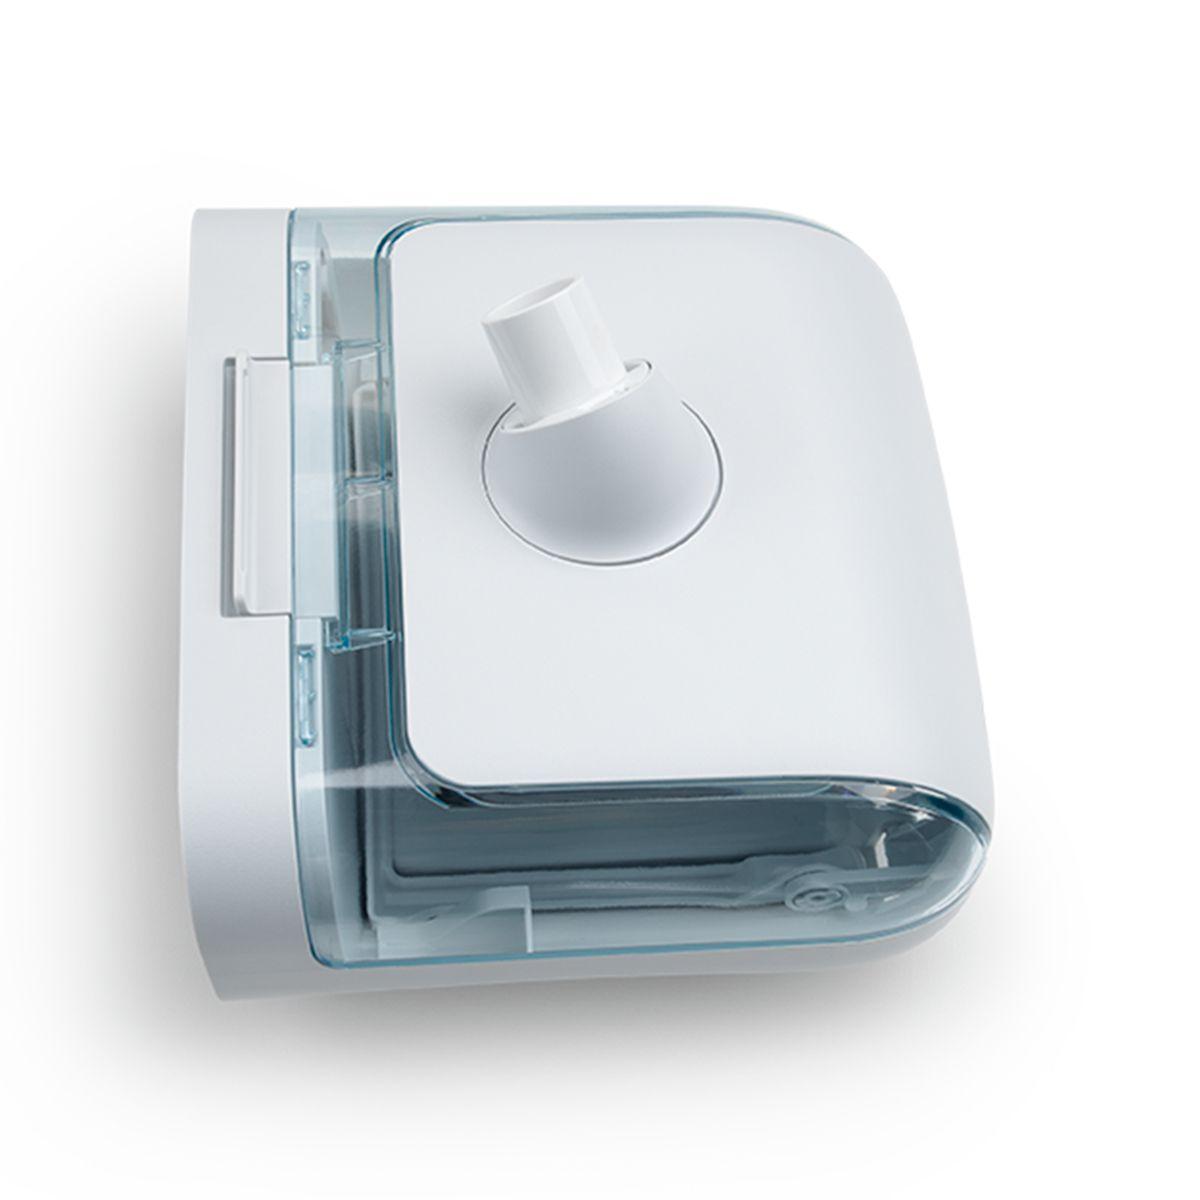 Kit CPAP Automático DreamStation + Umidificador + Máscara Mirage Activa LT